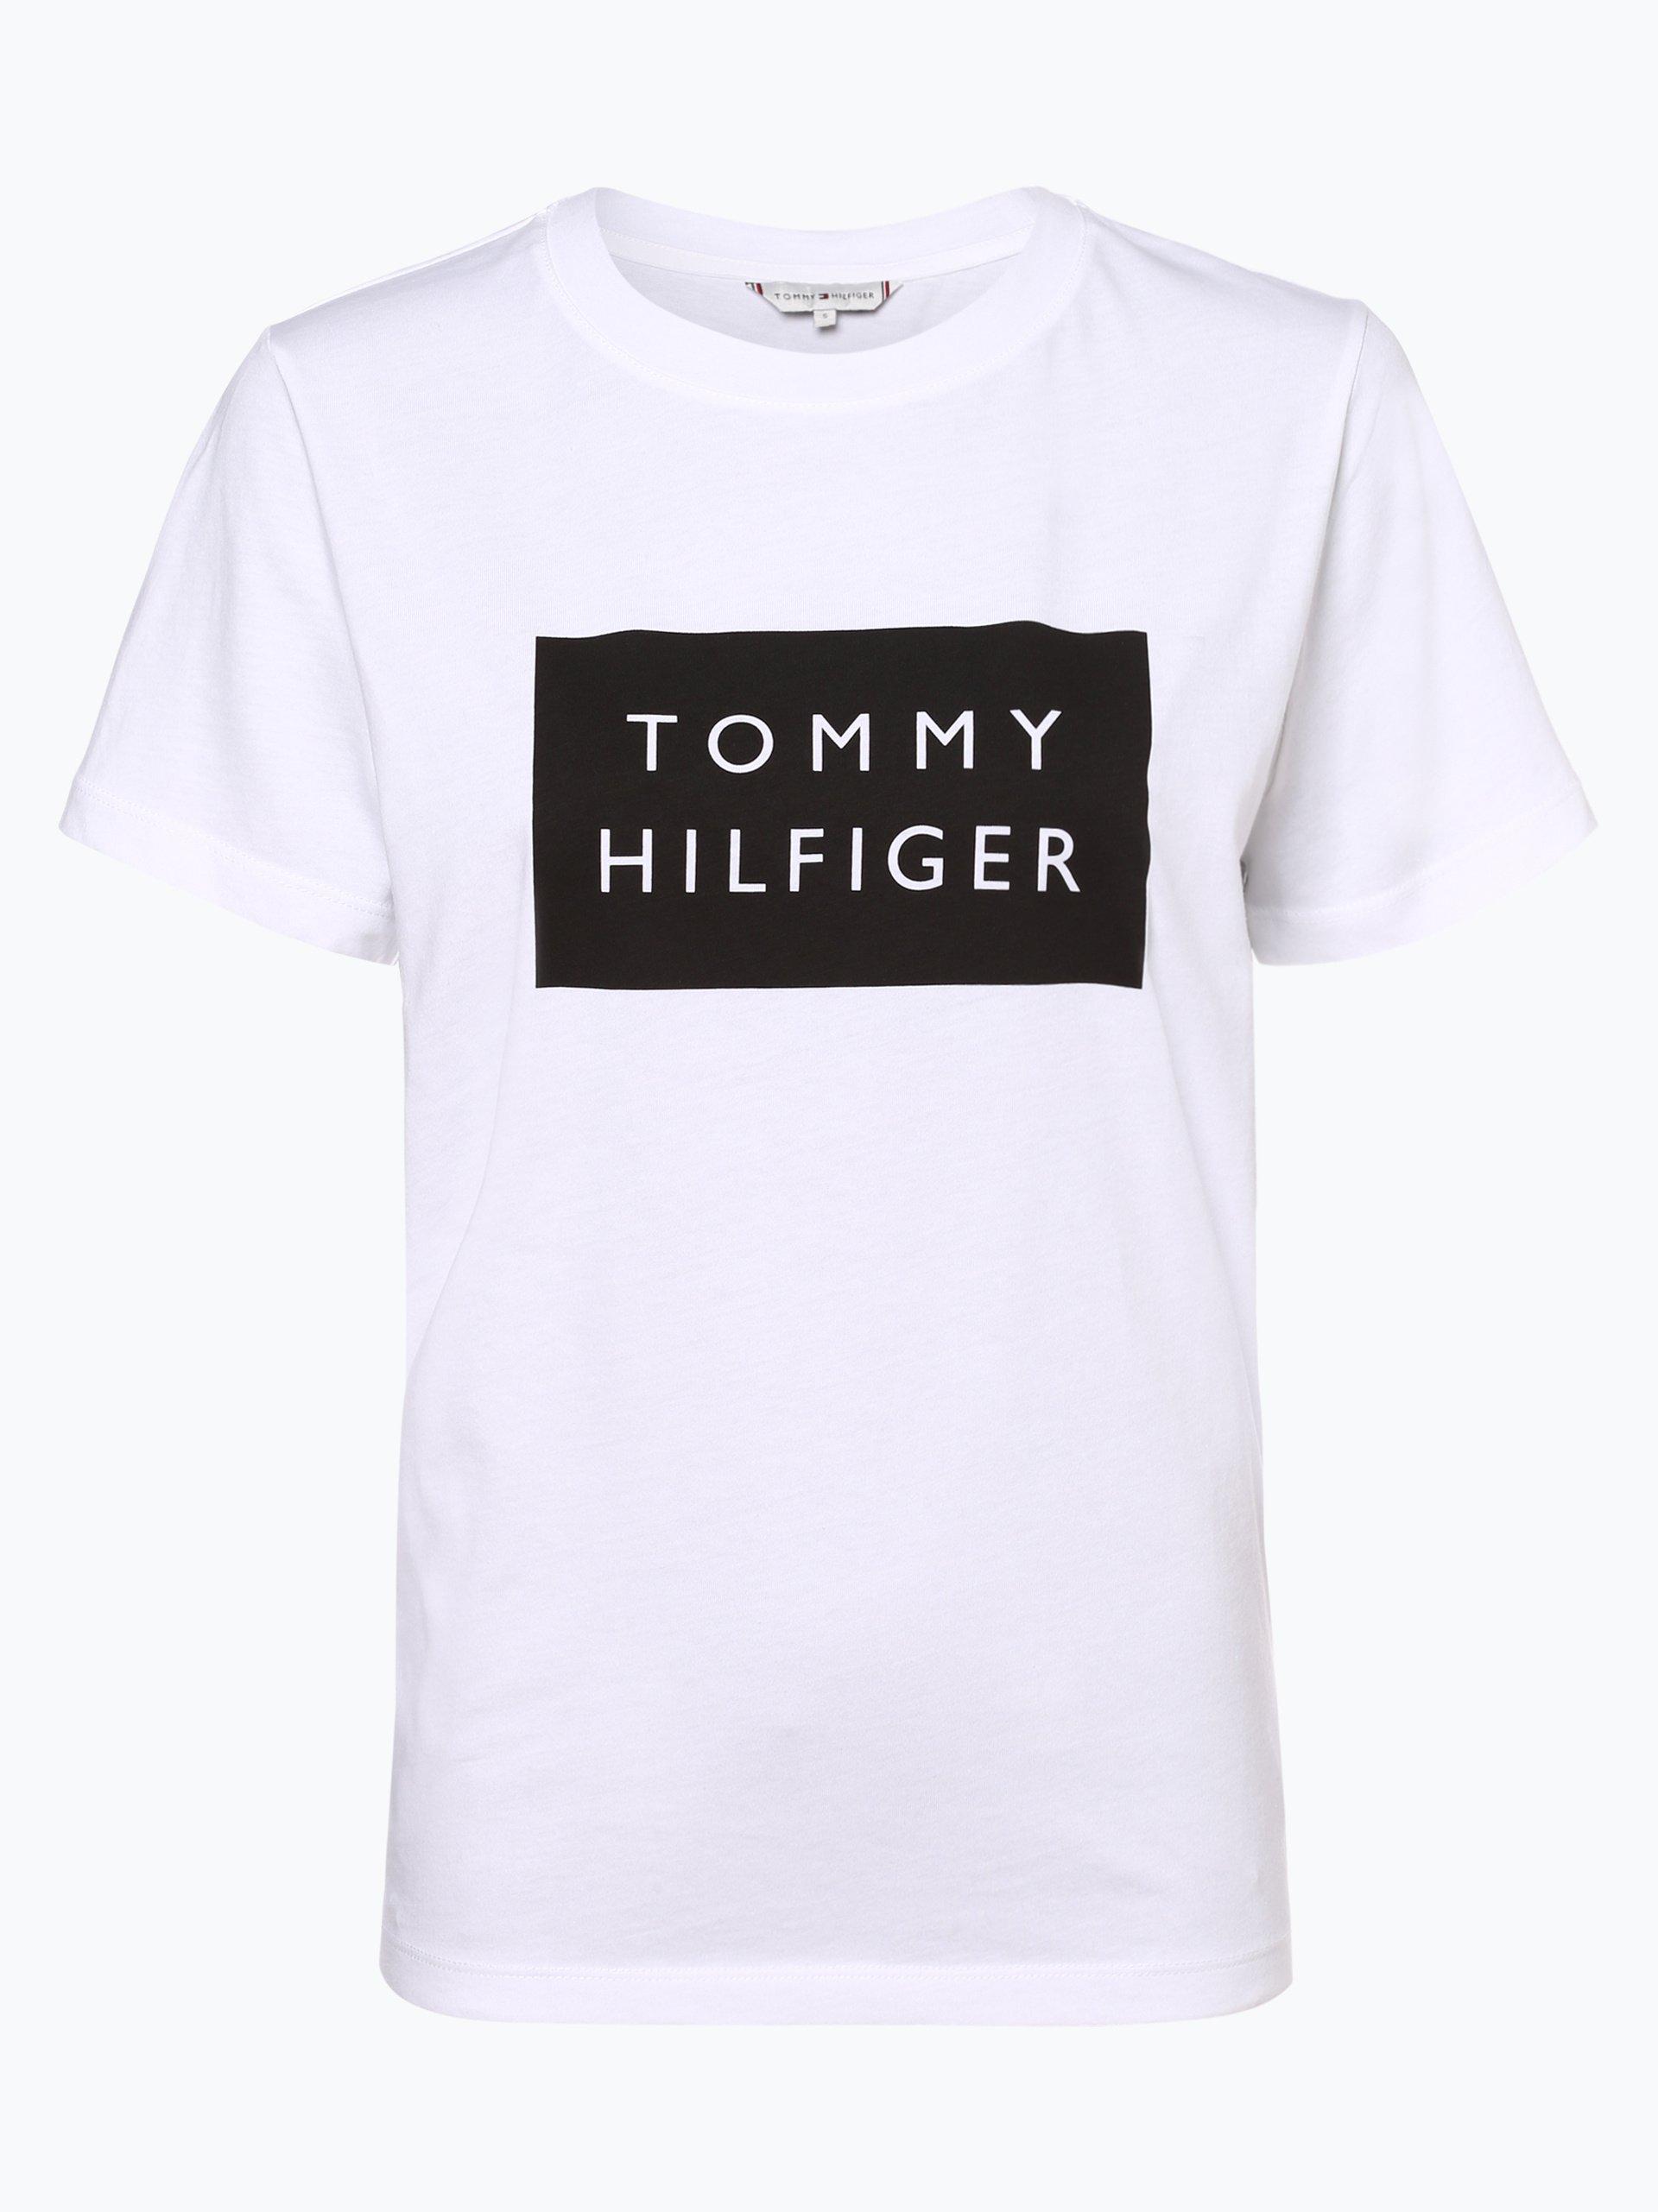 tommy hilfiger damen t shirt online kaufen vangraaf com. Black Bedroom Furniture Sets. Home Design Ideas